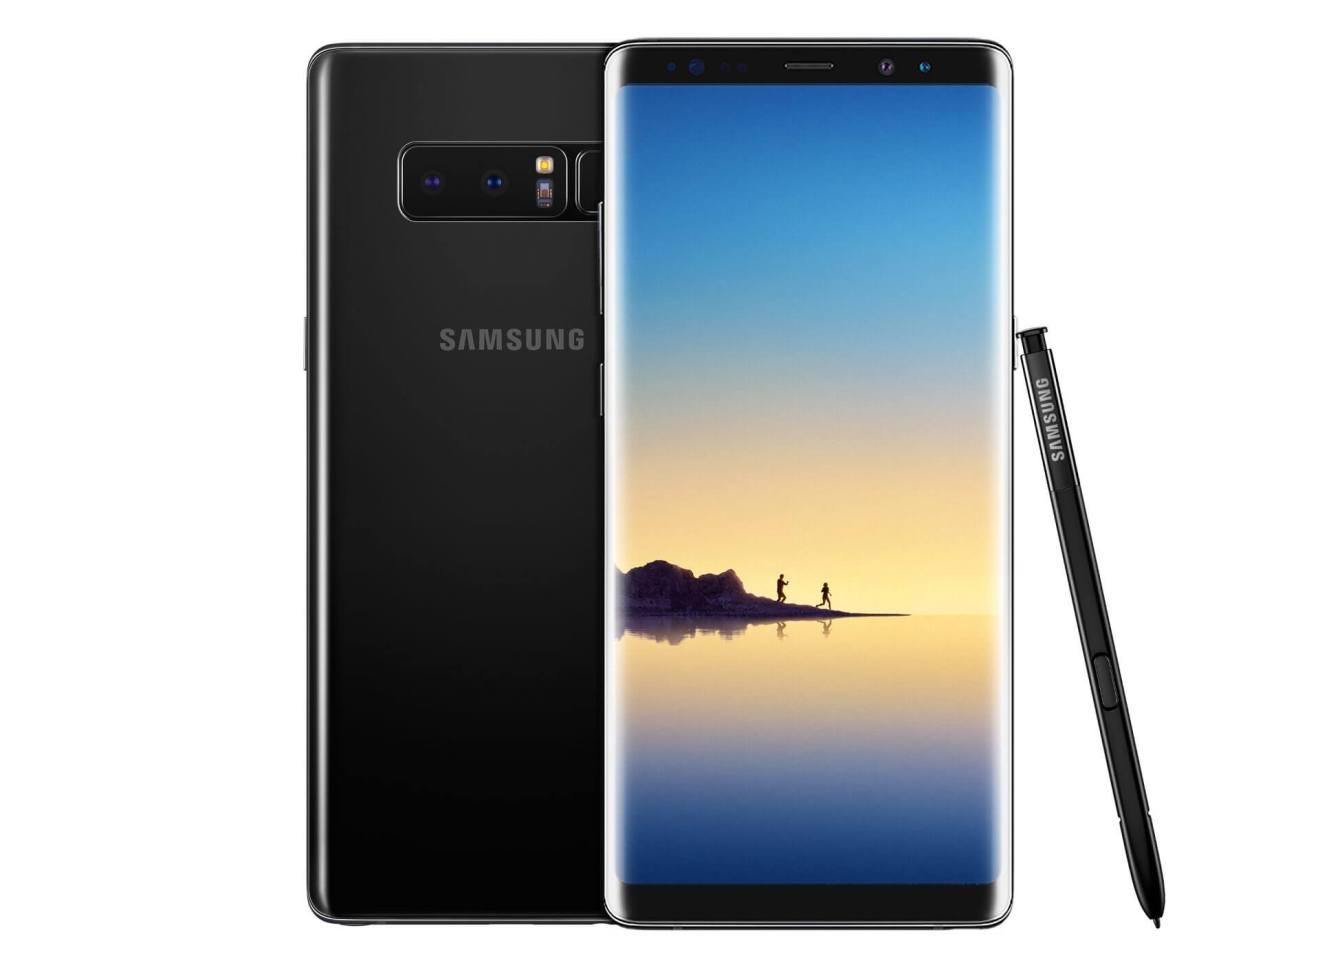 samsung galaxy note 8 hero e1513796594549 - Confira os melhores smartphones top de linha para comprar no Natal